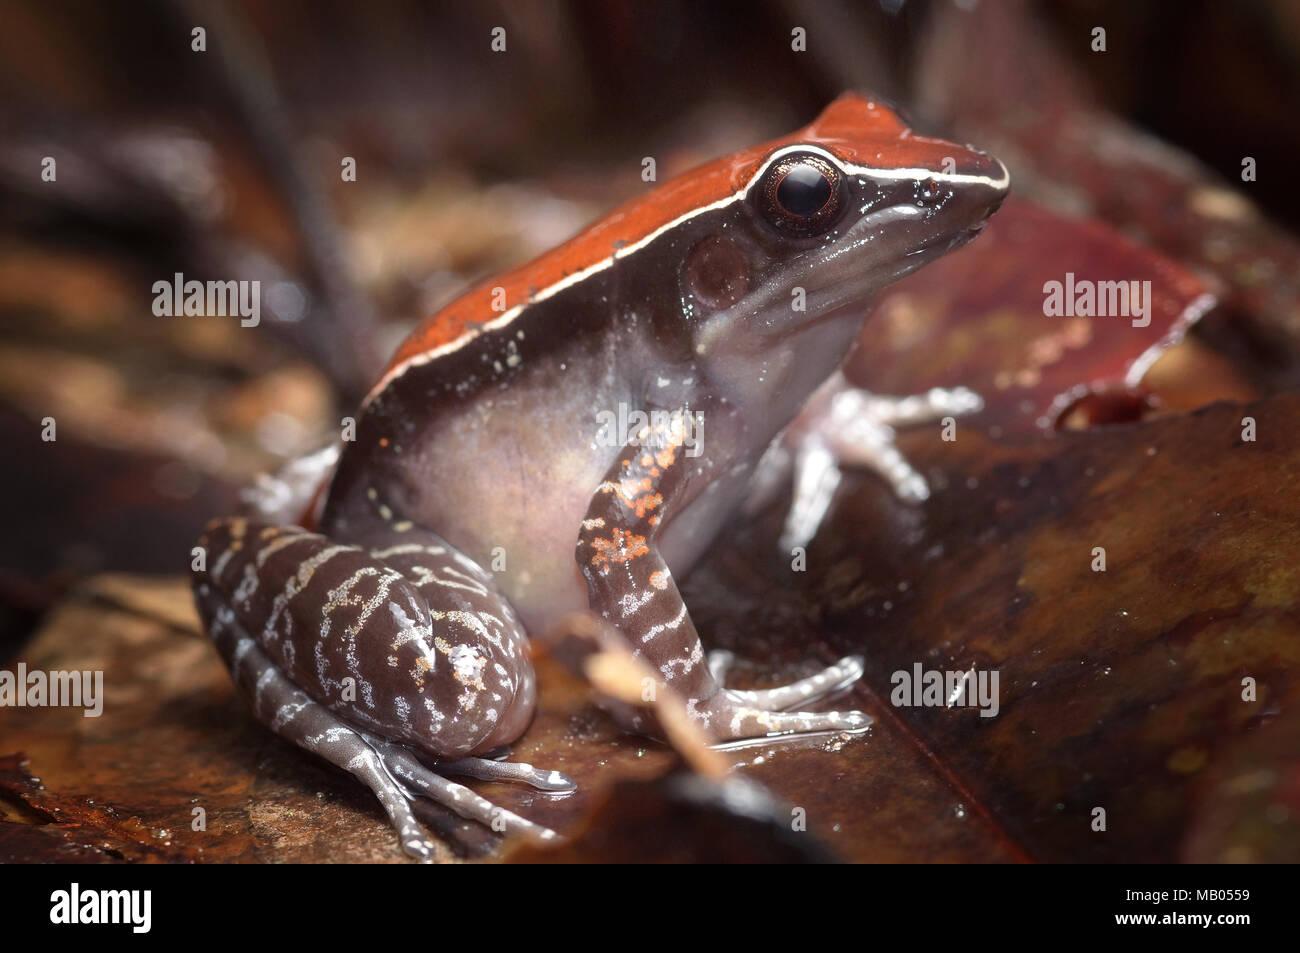 Mahogany frog Hylarana luctuosa - Stock Image